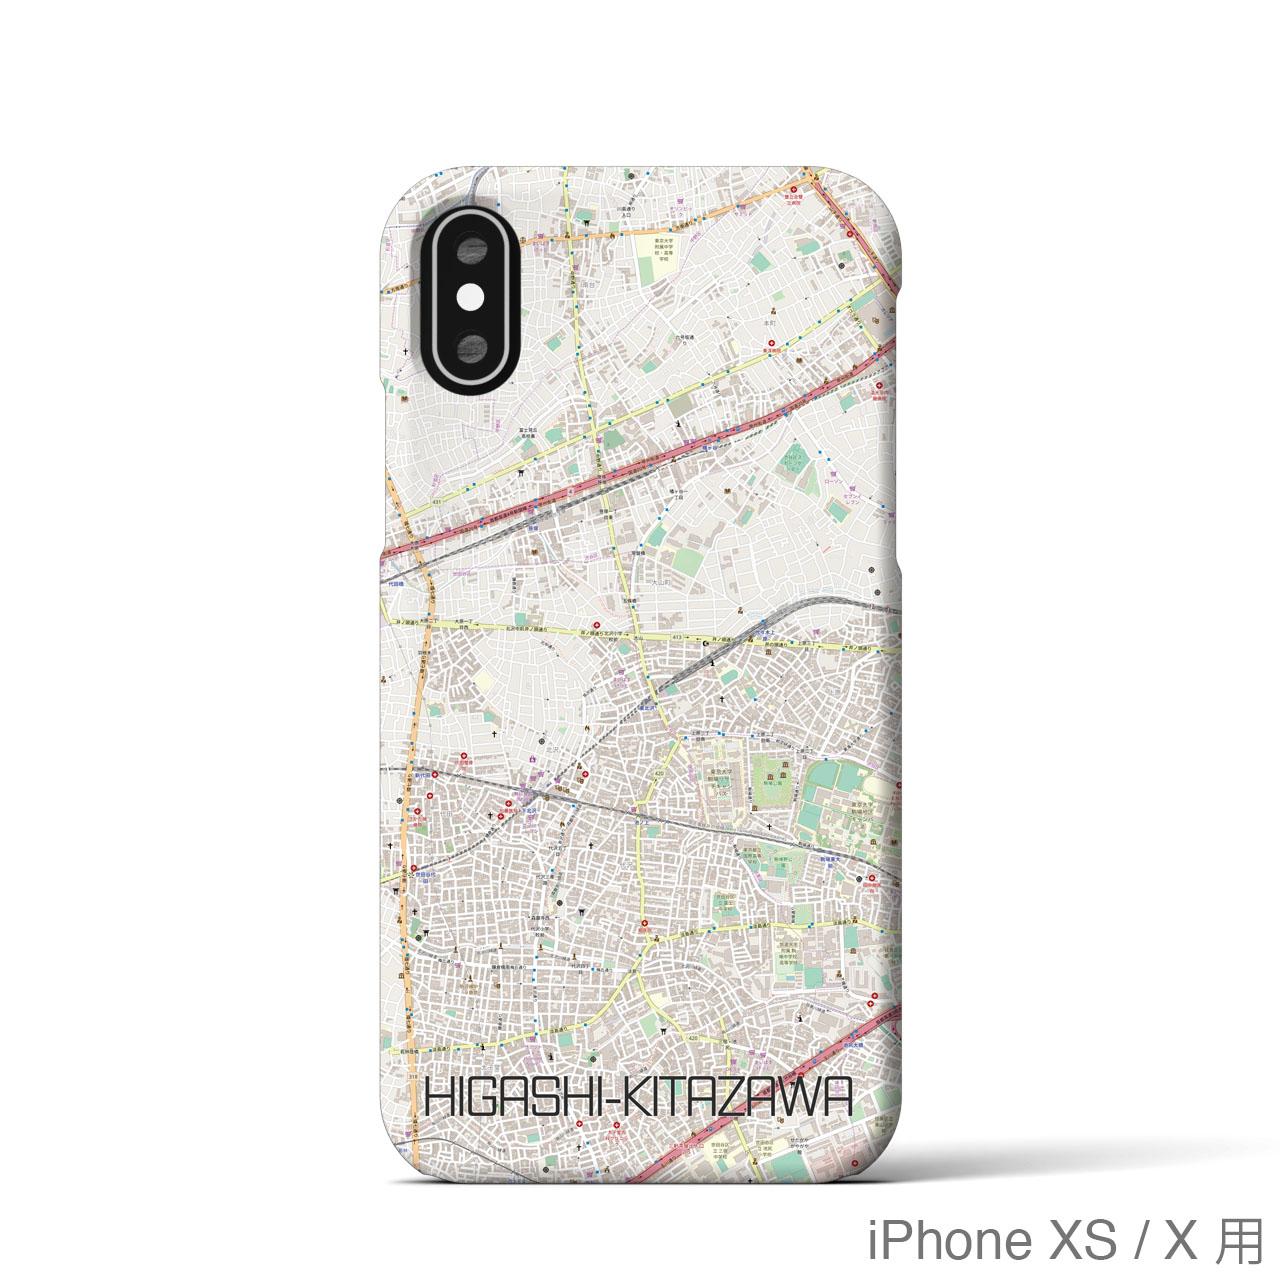 【東北沢】地図柄iPhoneケース(バックカバータイプ・ナチュラル)